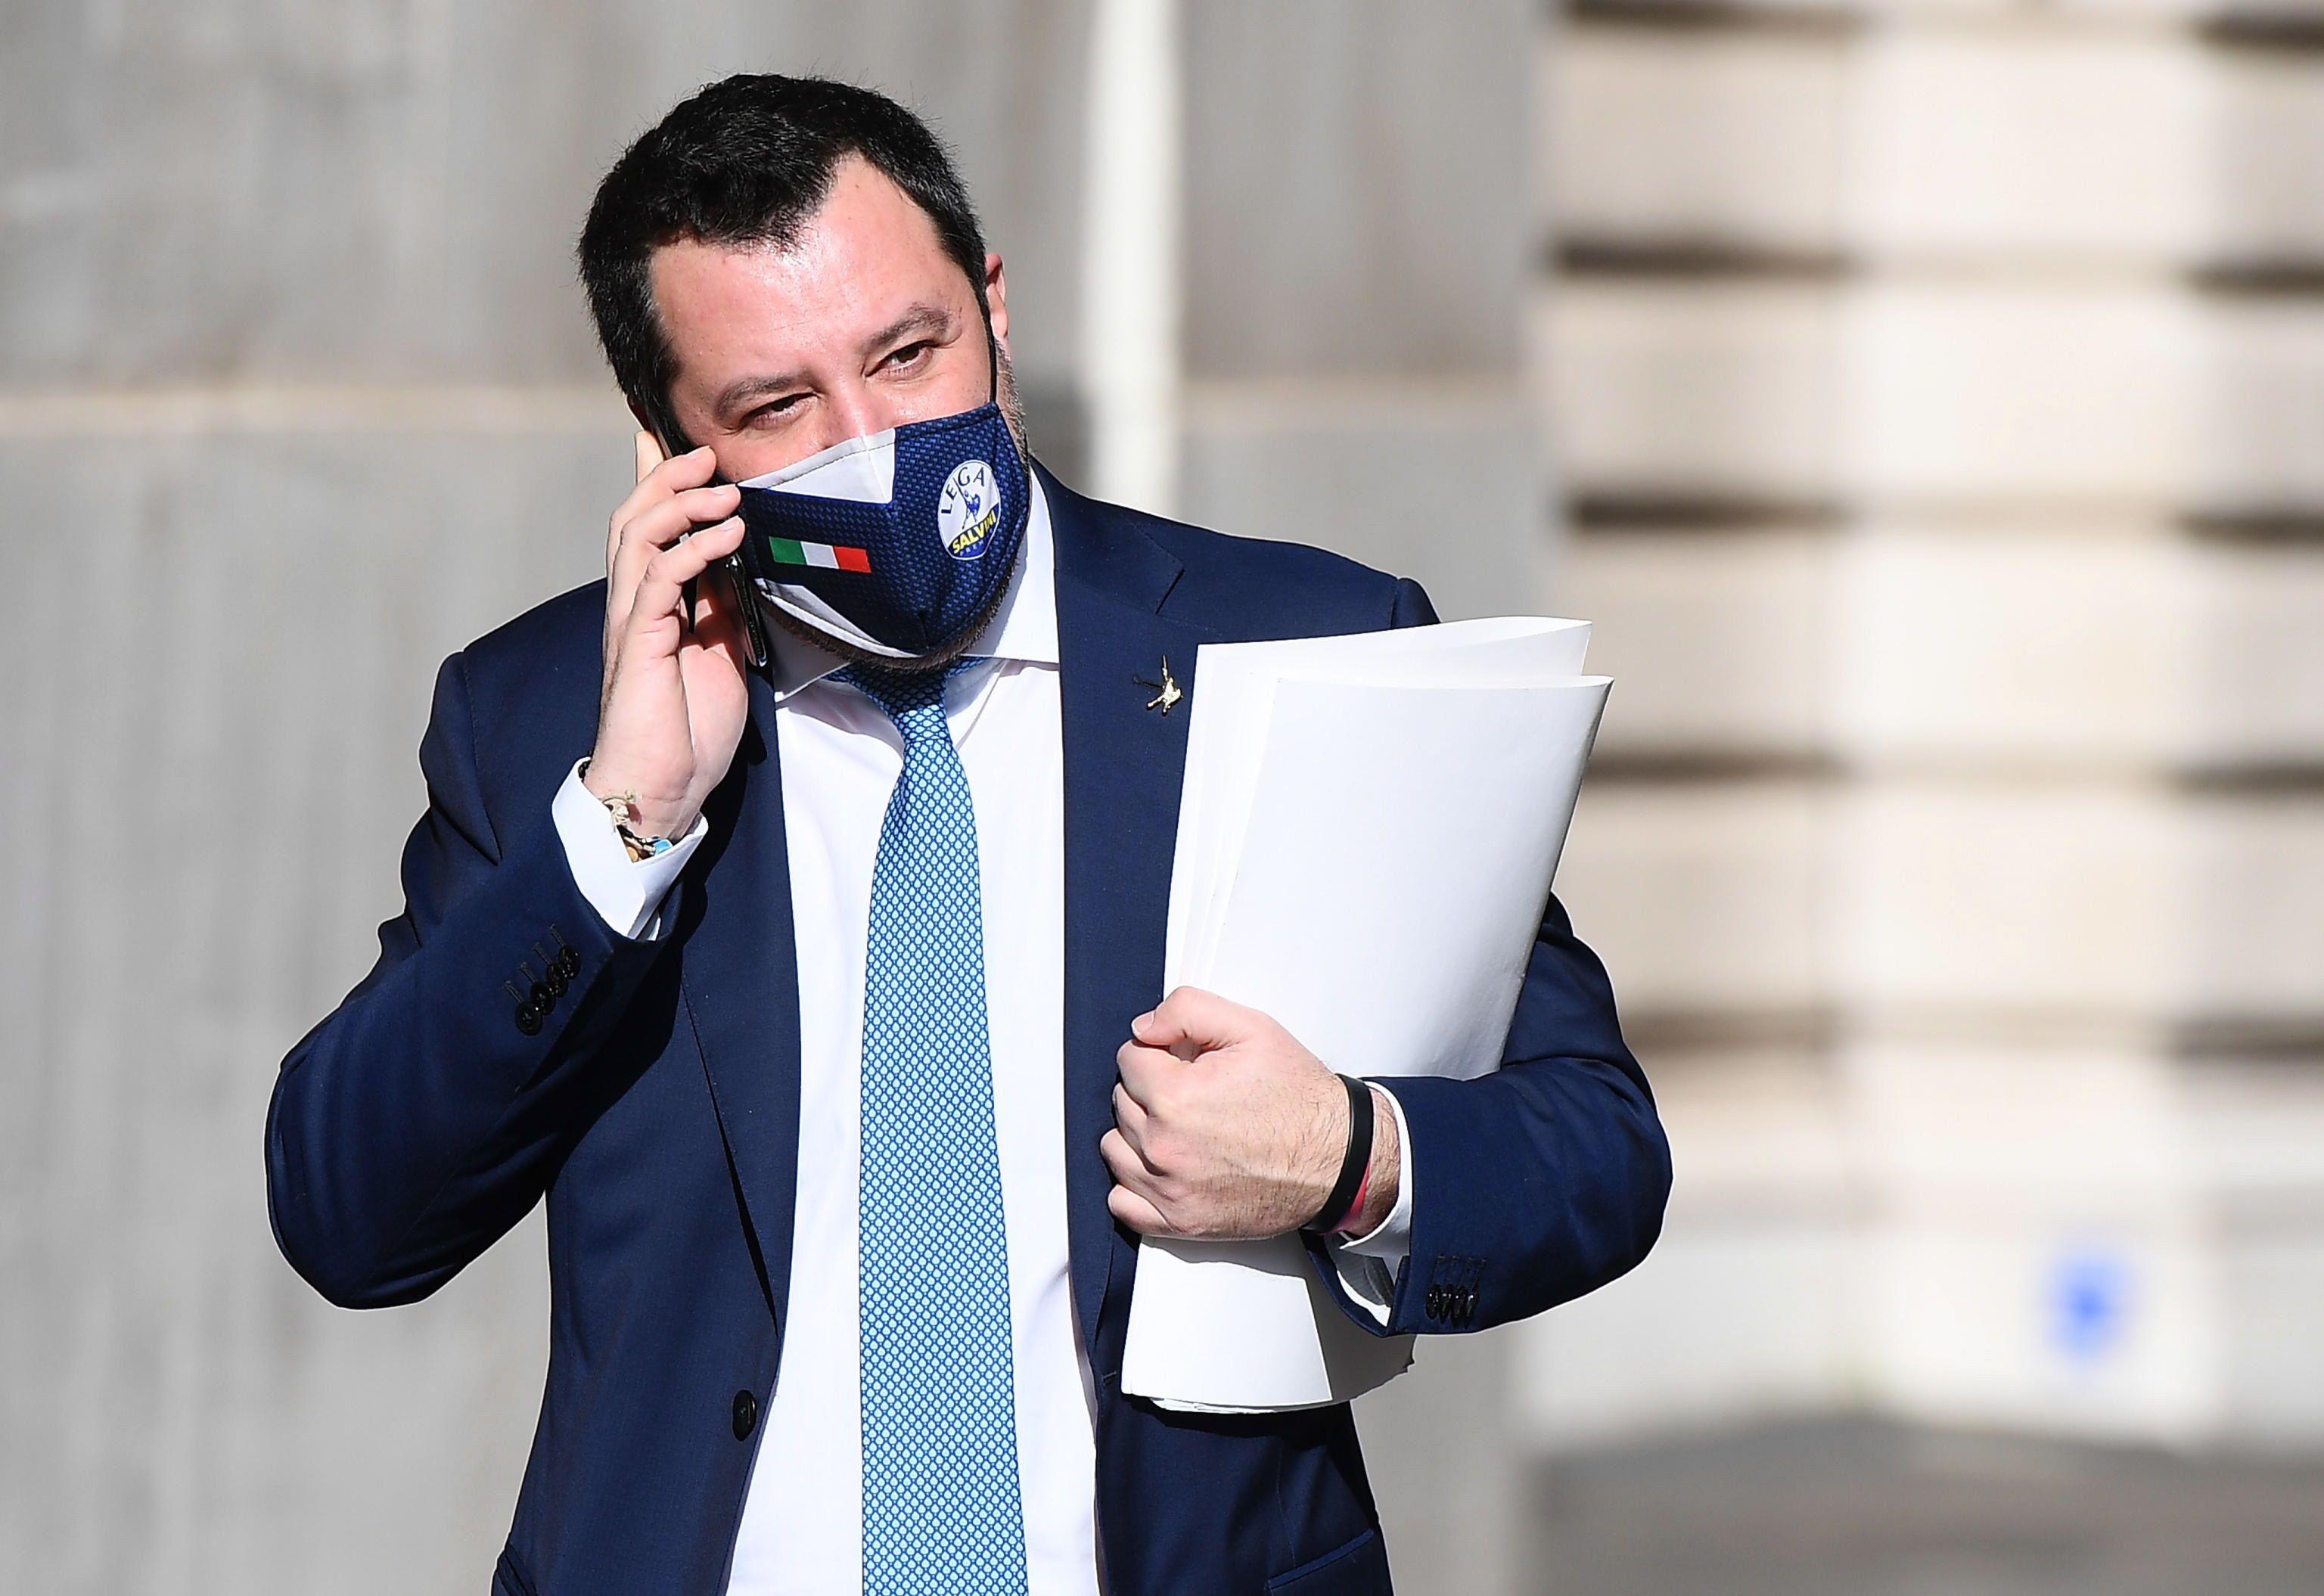 El líder de la ultraderechista Liga, Matteo Salvini. EFE/EPA/ETTORE FERRARI